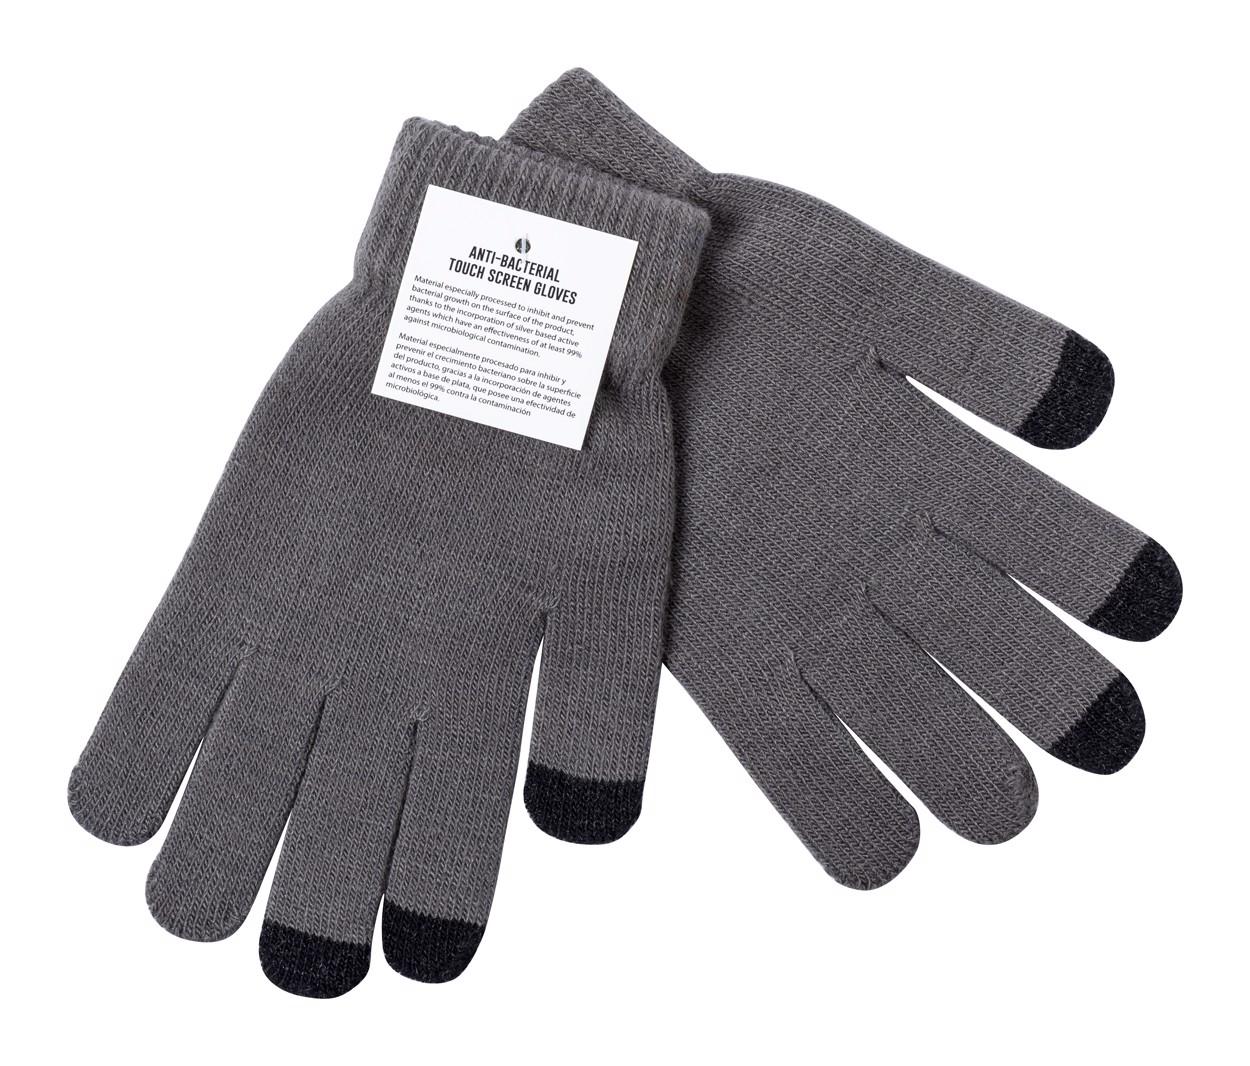 Antibakterijske rokavice za zaslone na dotik Tenex - Ash Grey / Black